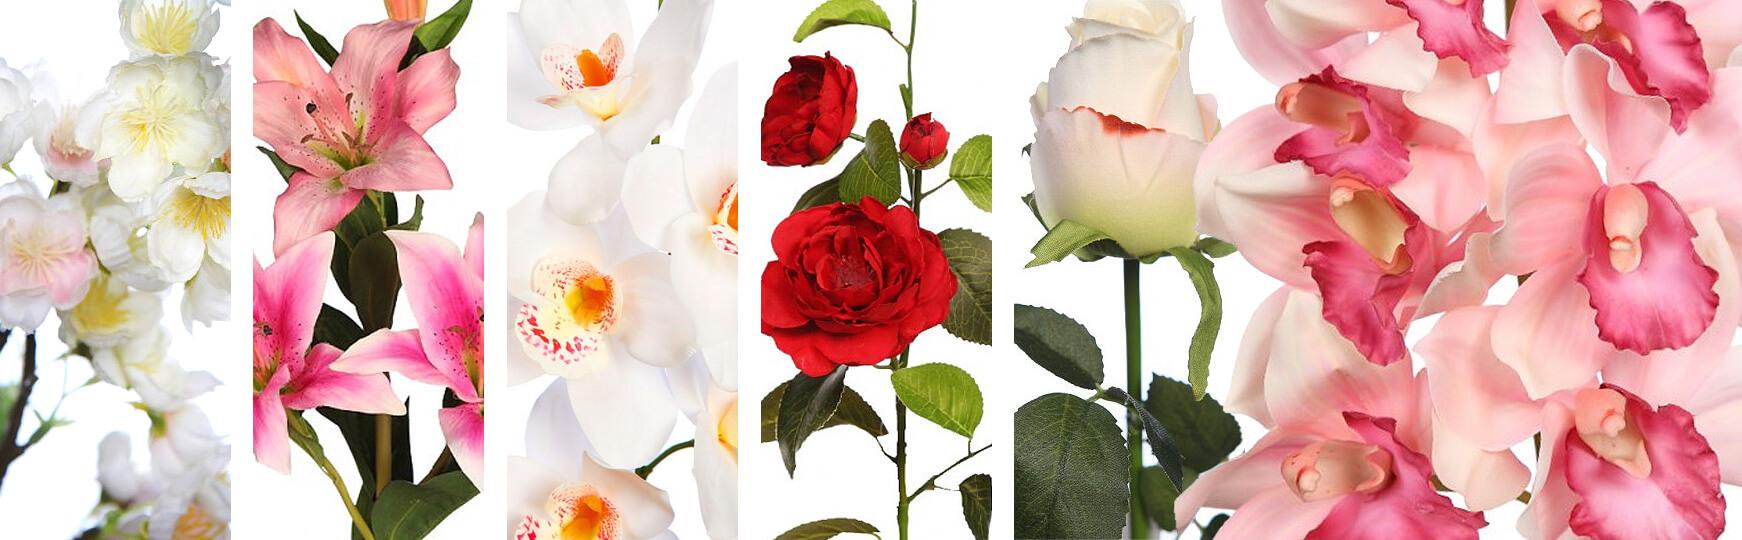 Flores artificiales para bodas al mejor precio